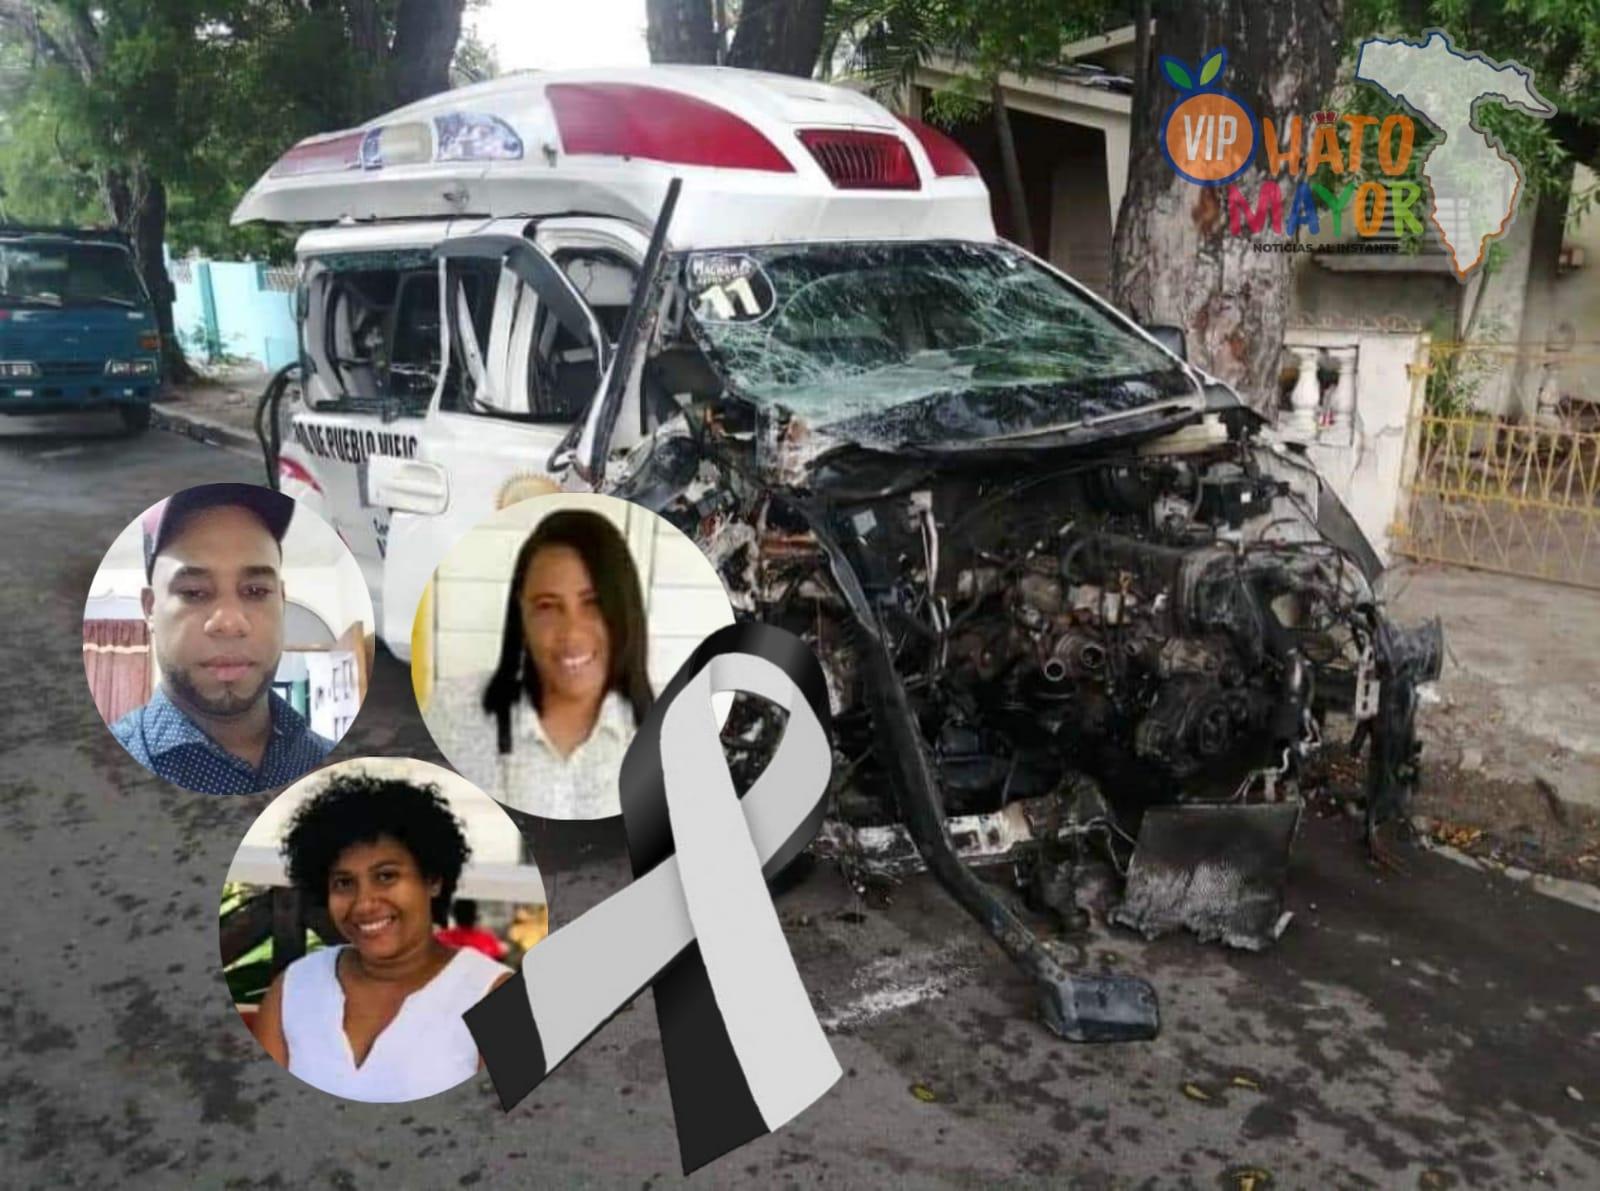 Tres personas perdieron la vida, cuando ambulancia que estos transportaban una persona grave se accidentó en Azua